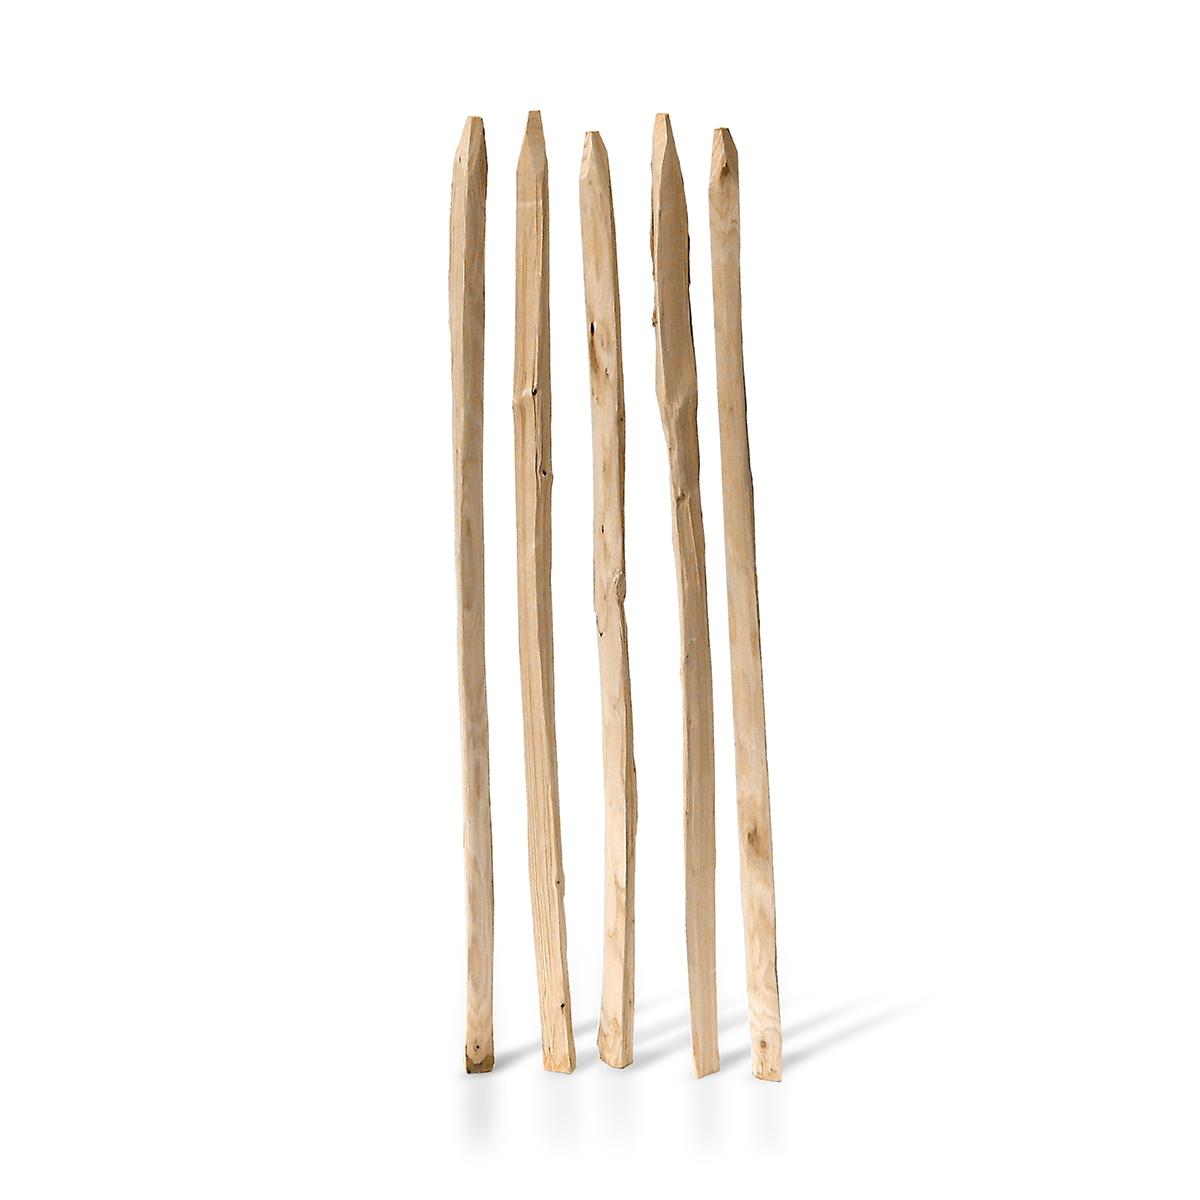 Einzelstakete aus Kastanienholz in verschiedenen Höhen erhältlich